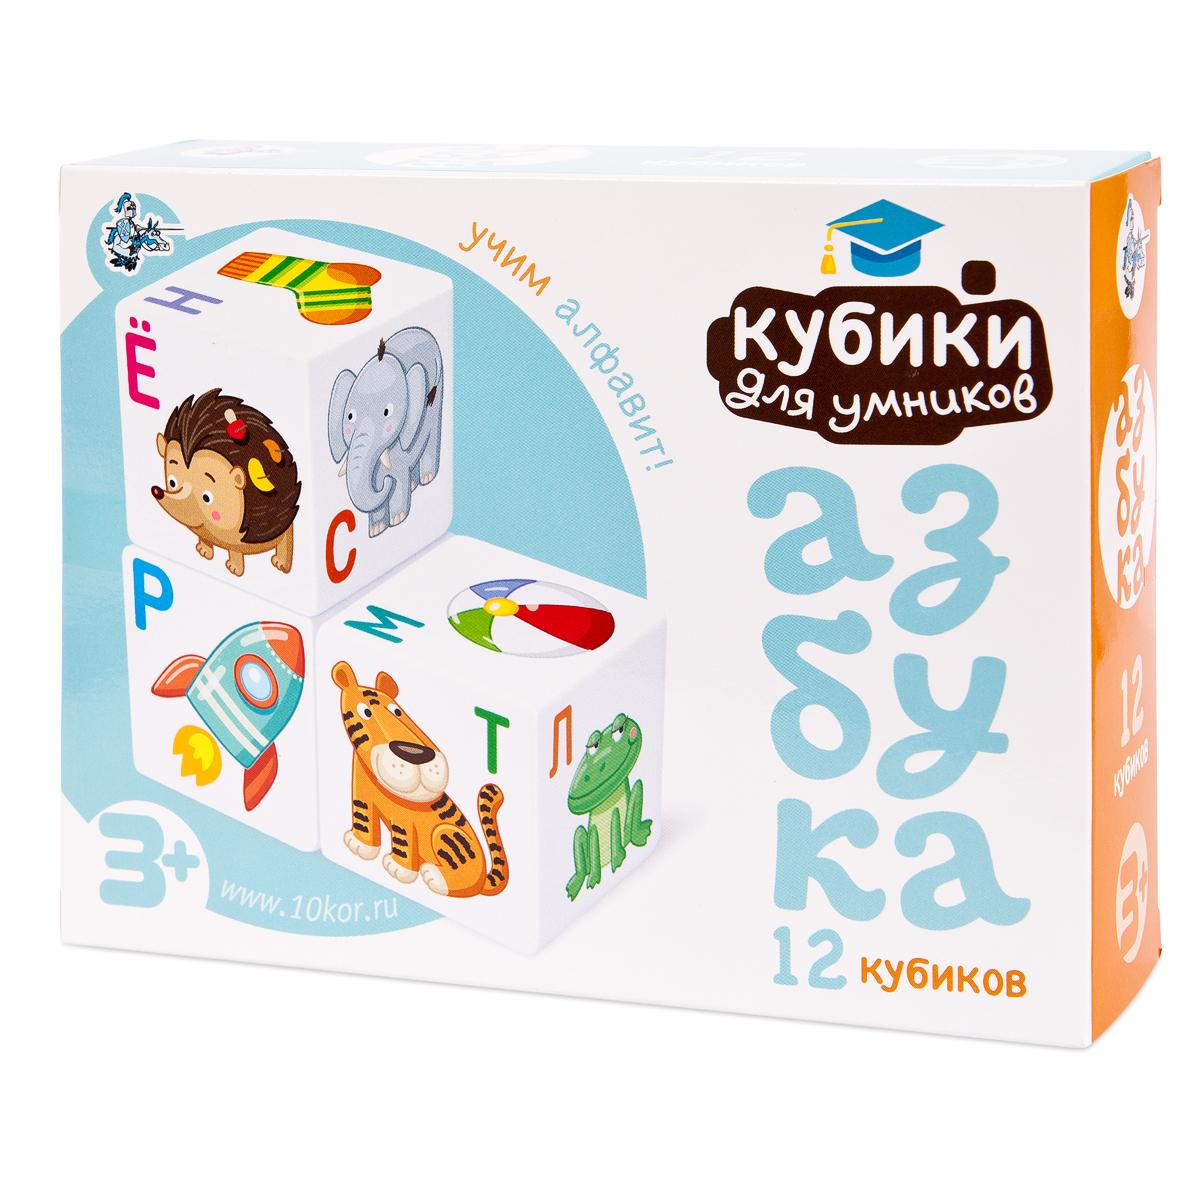 Кубики пластиковые Десятое королевство Кубики для умников. учим алфавит, 12шт.